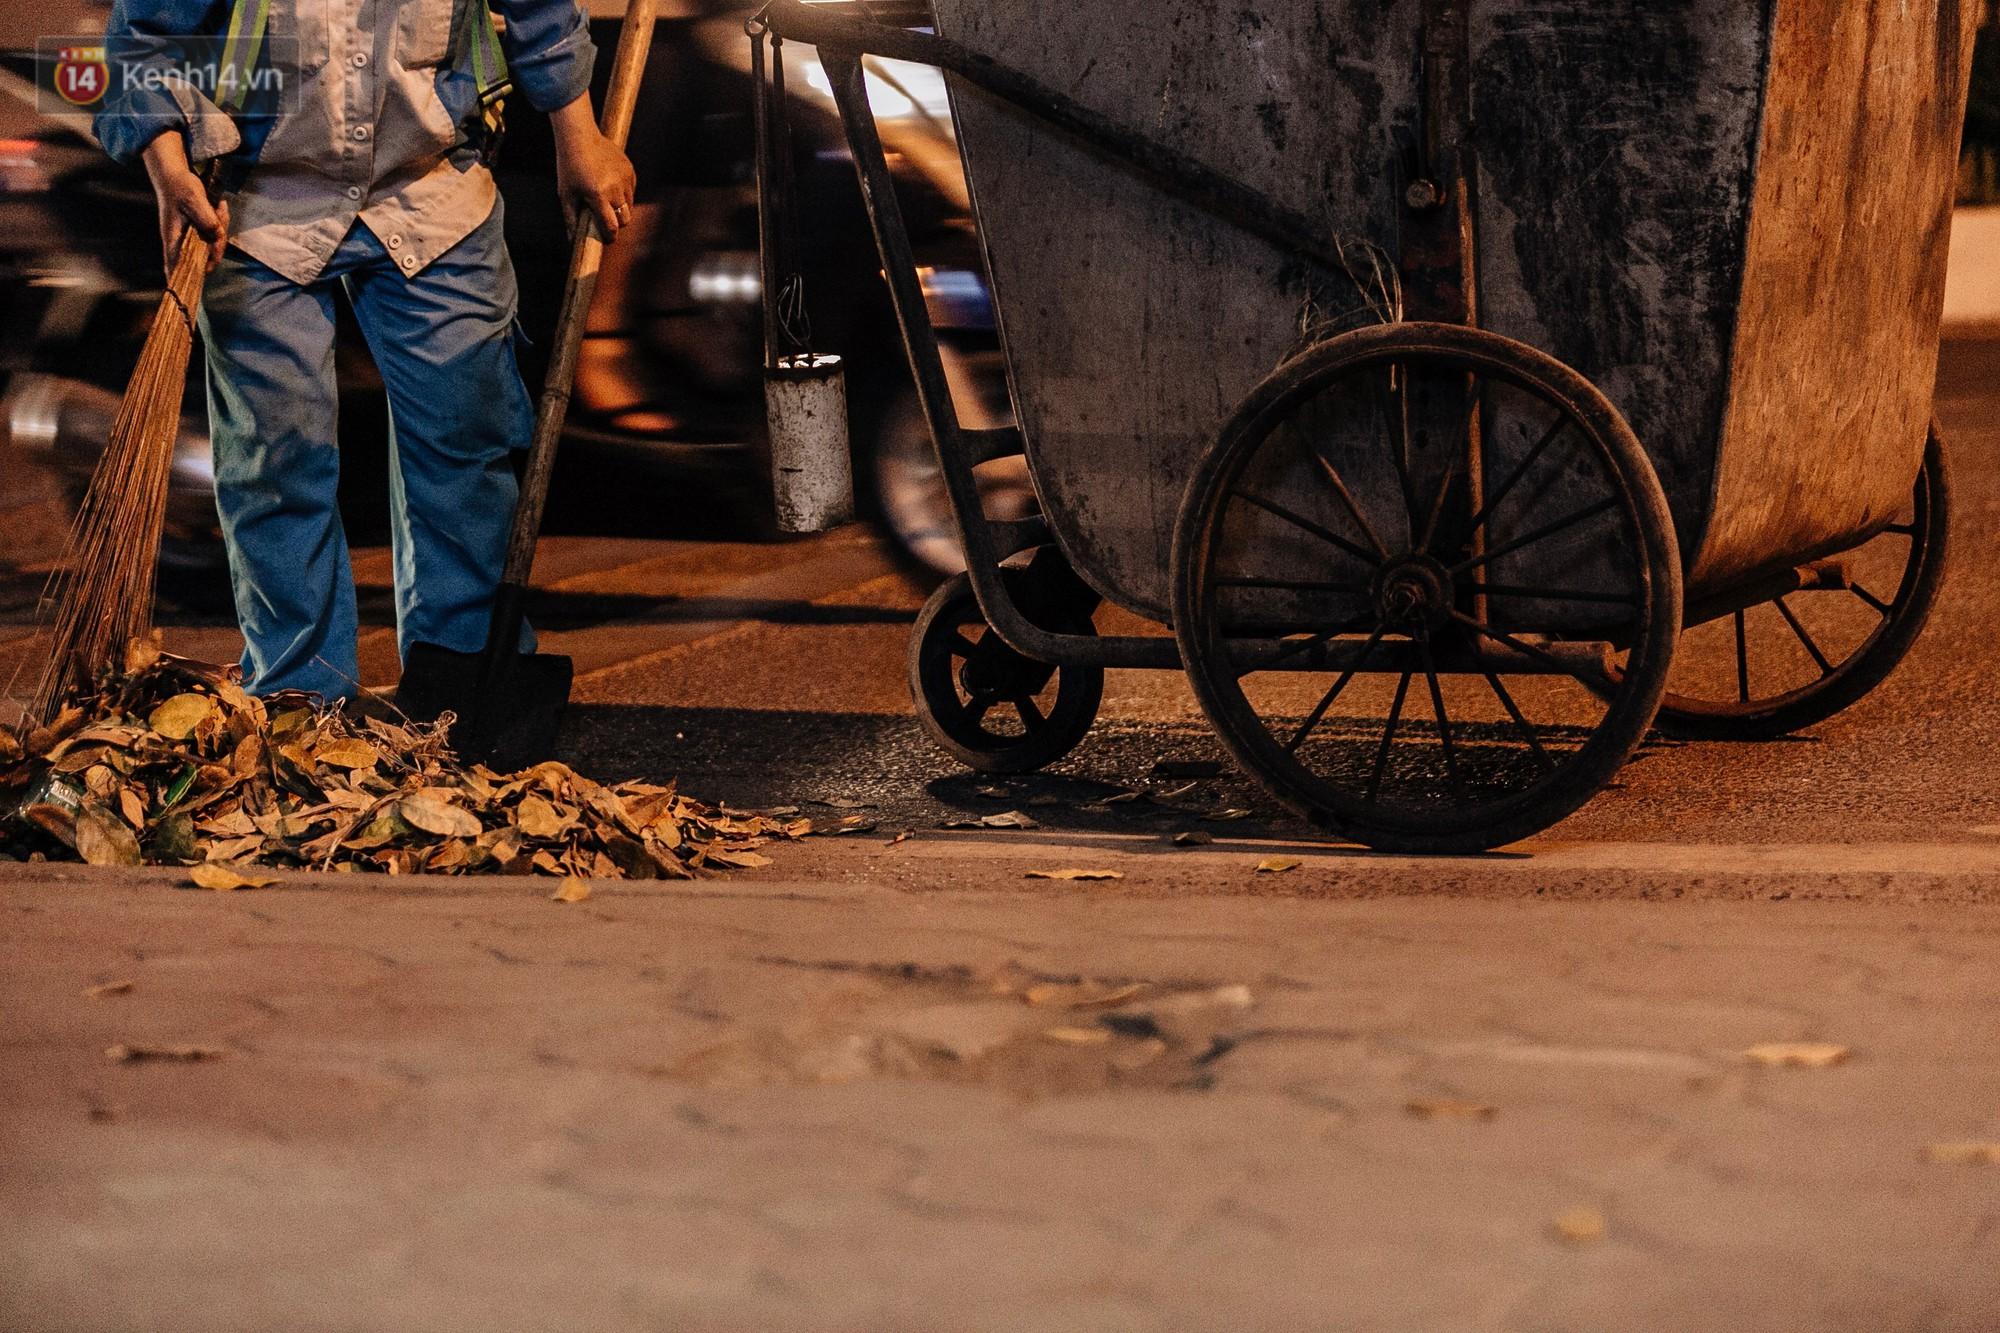 Sự ra đi của nữ công nhân môi trường và nỗi ám ảnh người ở lại: Những phận đời phu rác bám đường phố Hà Nội mưu sinh-8